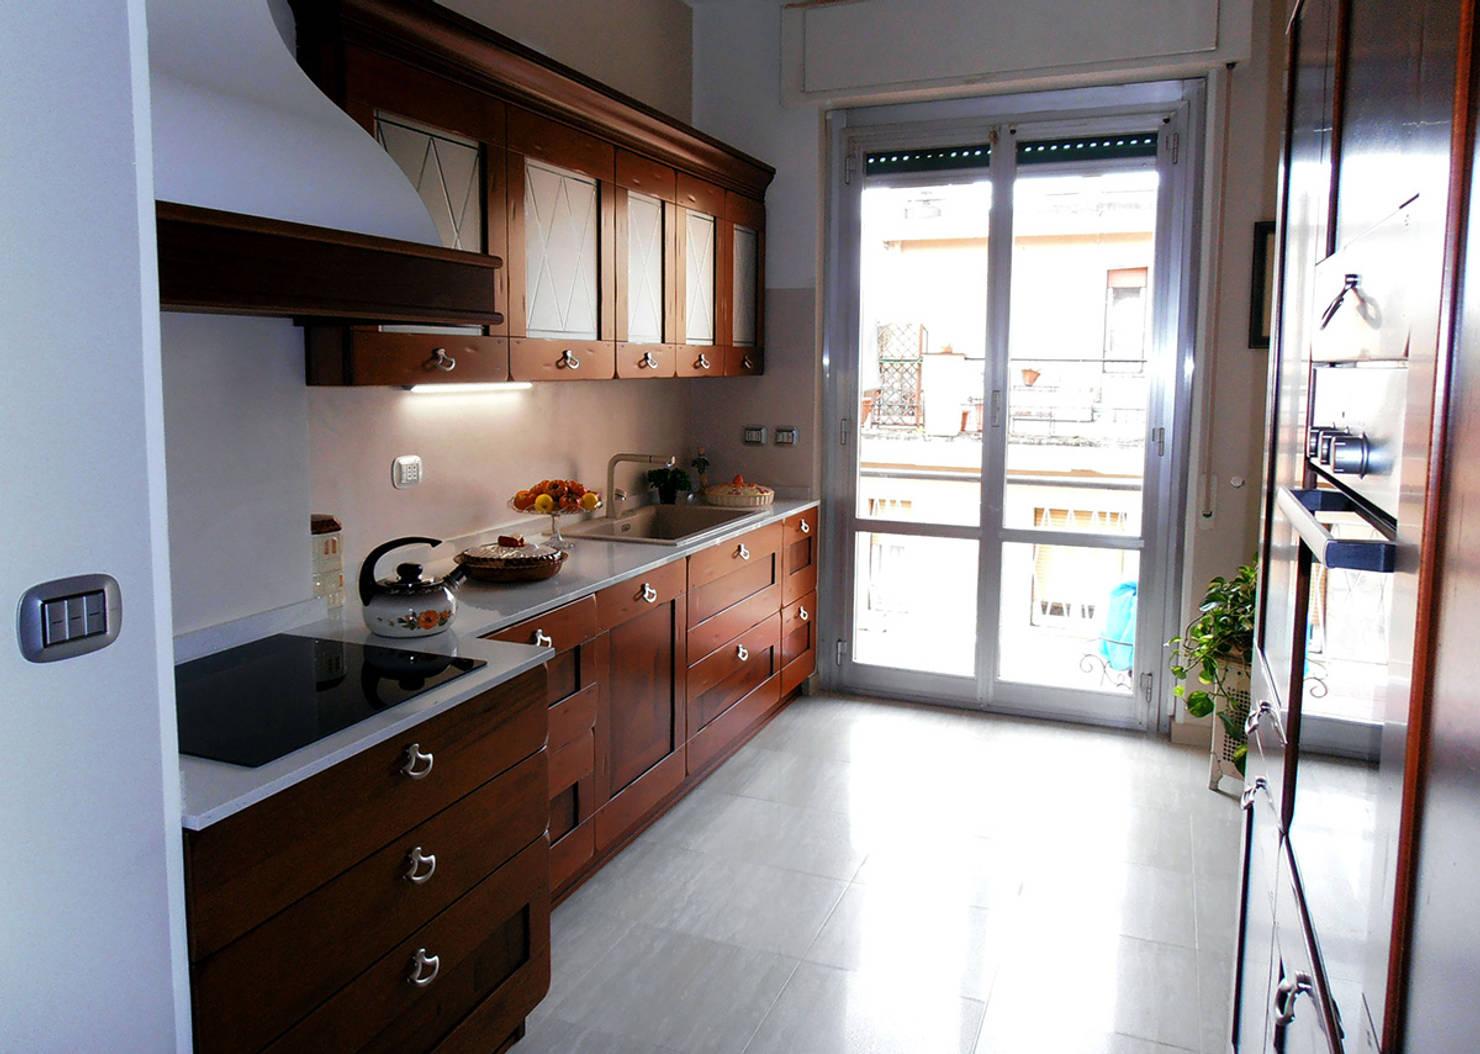 Una cocina de 15 metros cuadrados renovada a la perfección